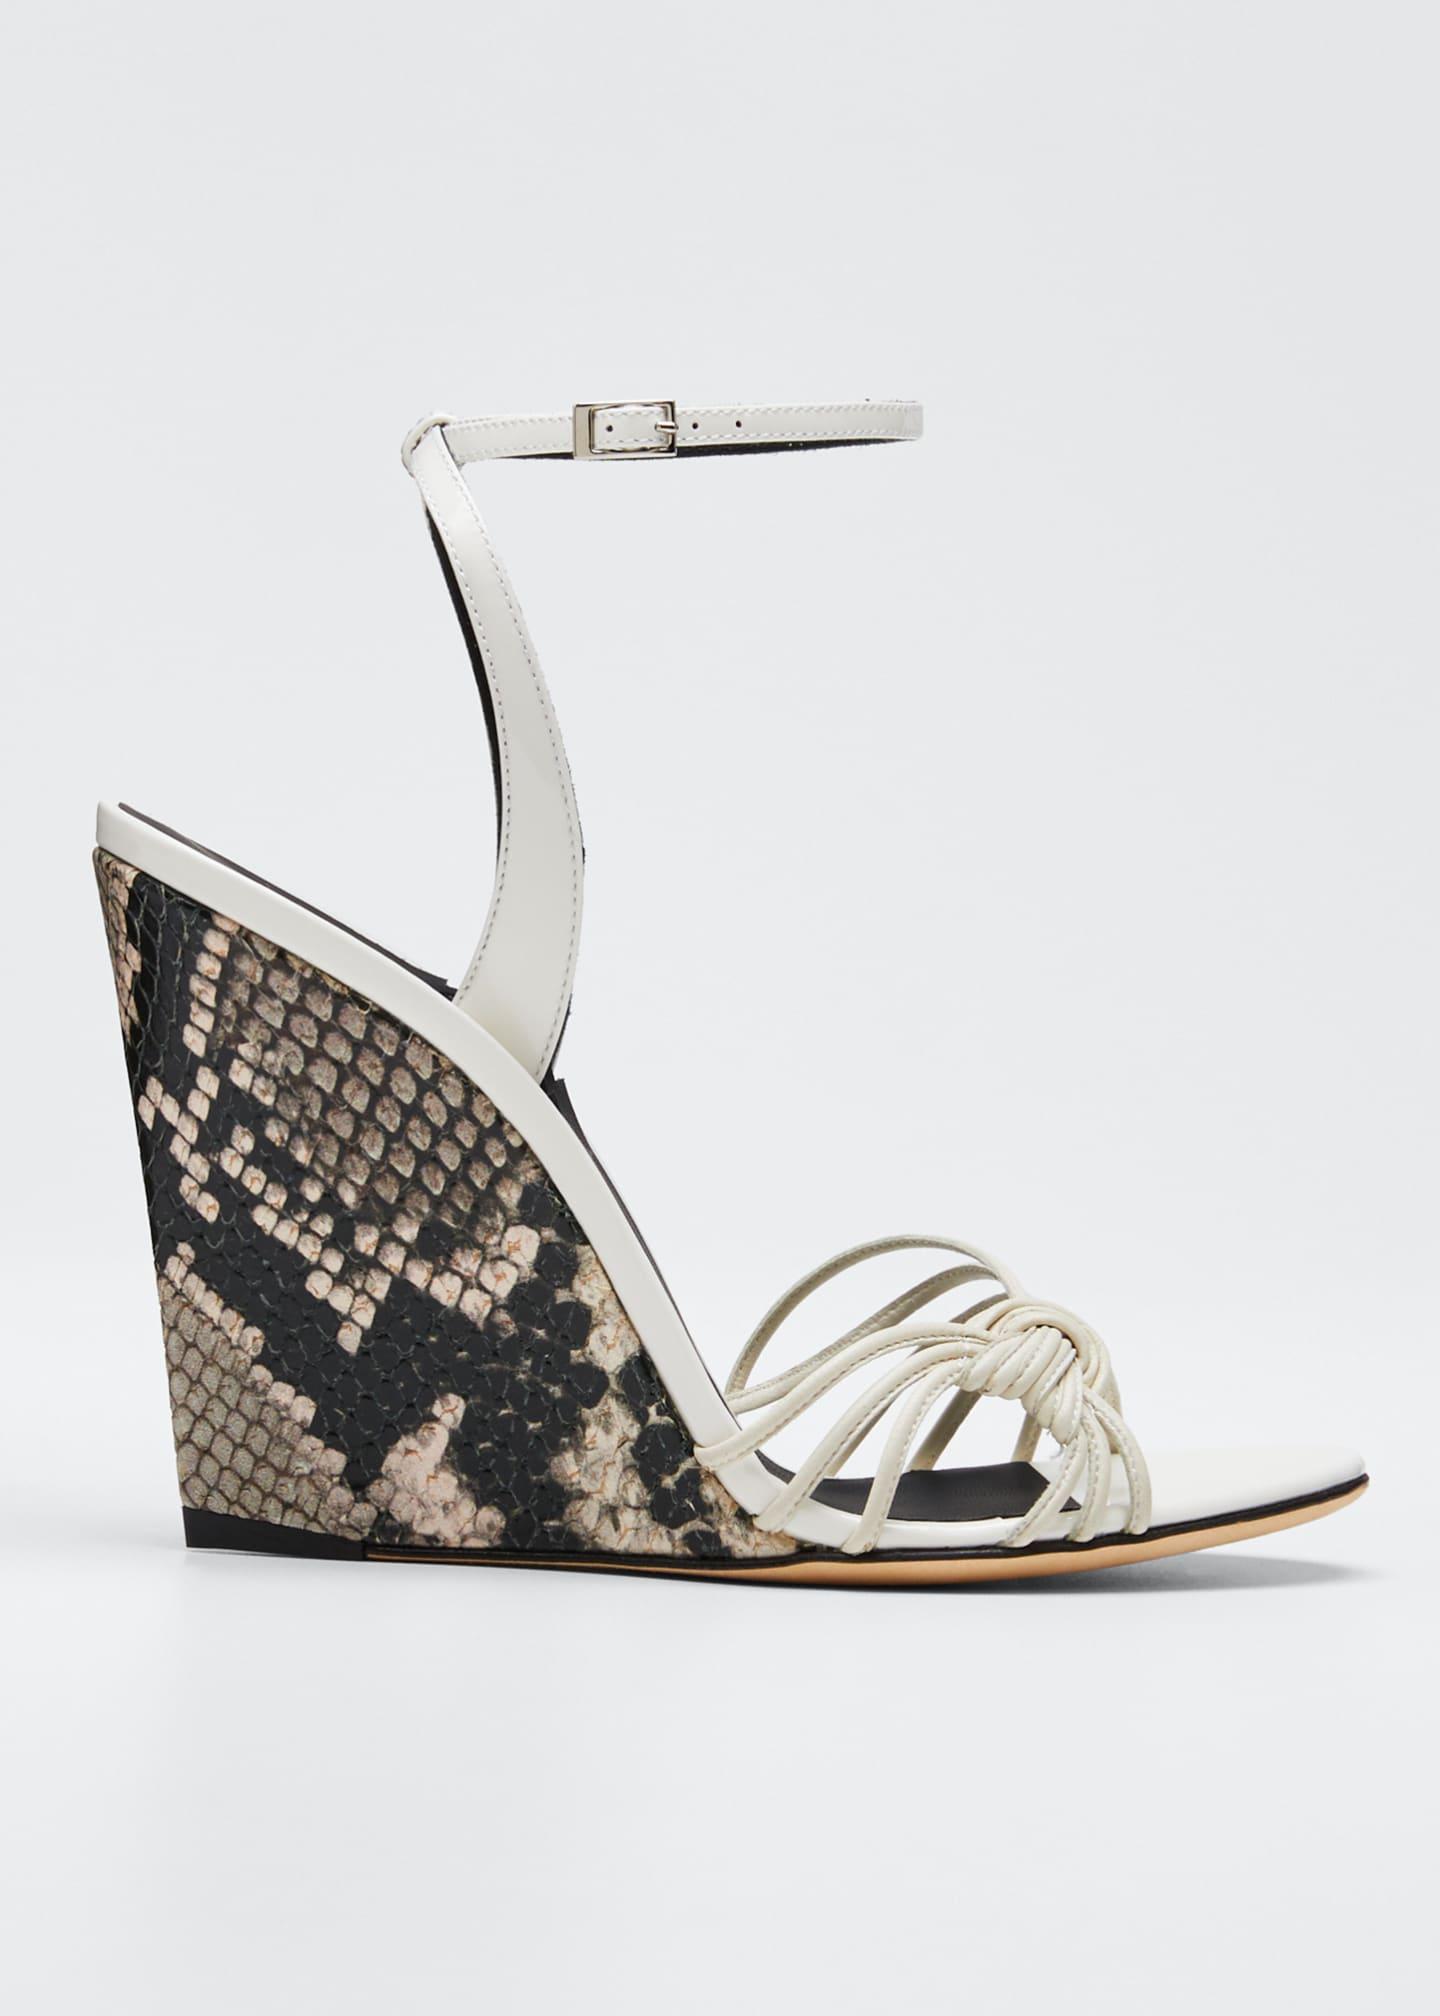 Giuseppe Zanotti 105mm Ricoperto Snake-Wedge Sandals